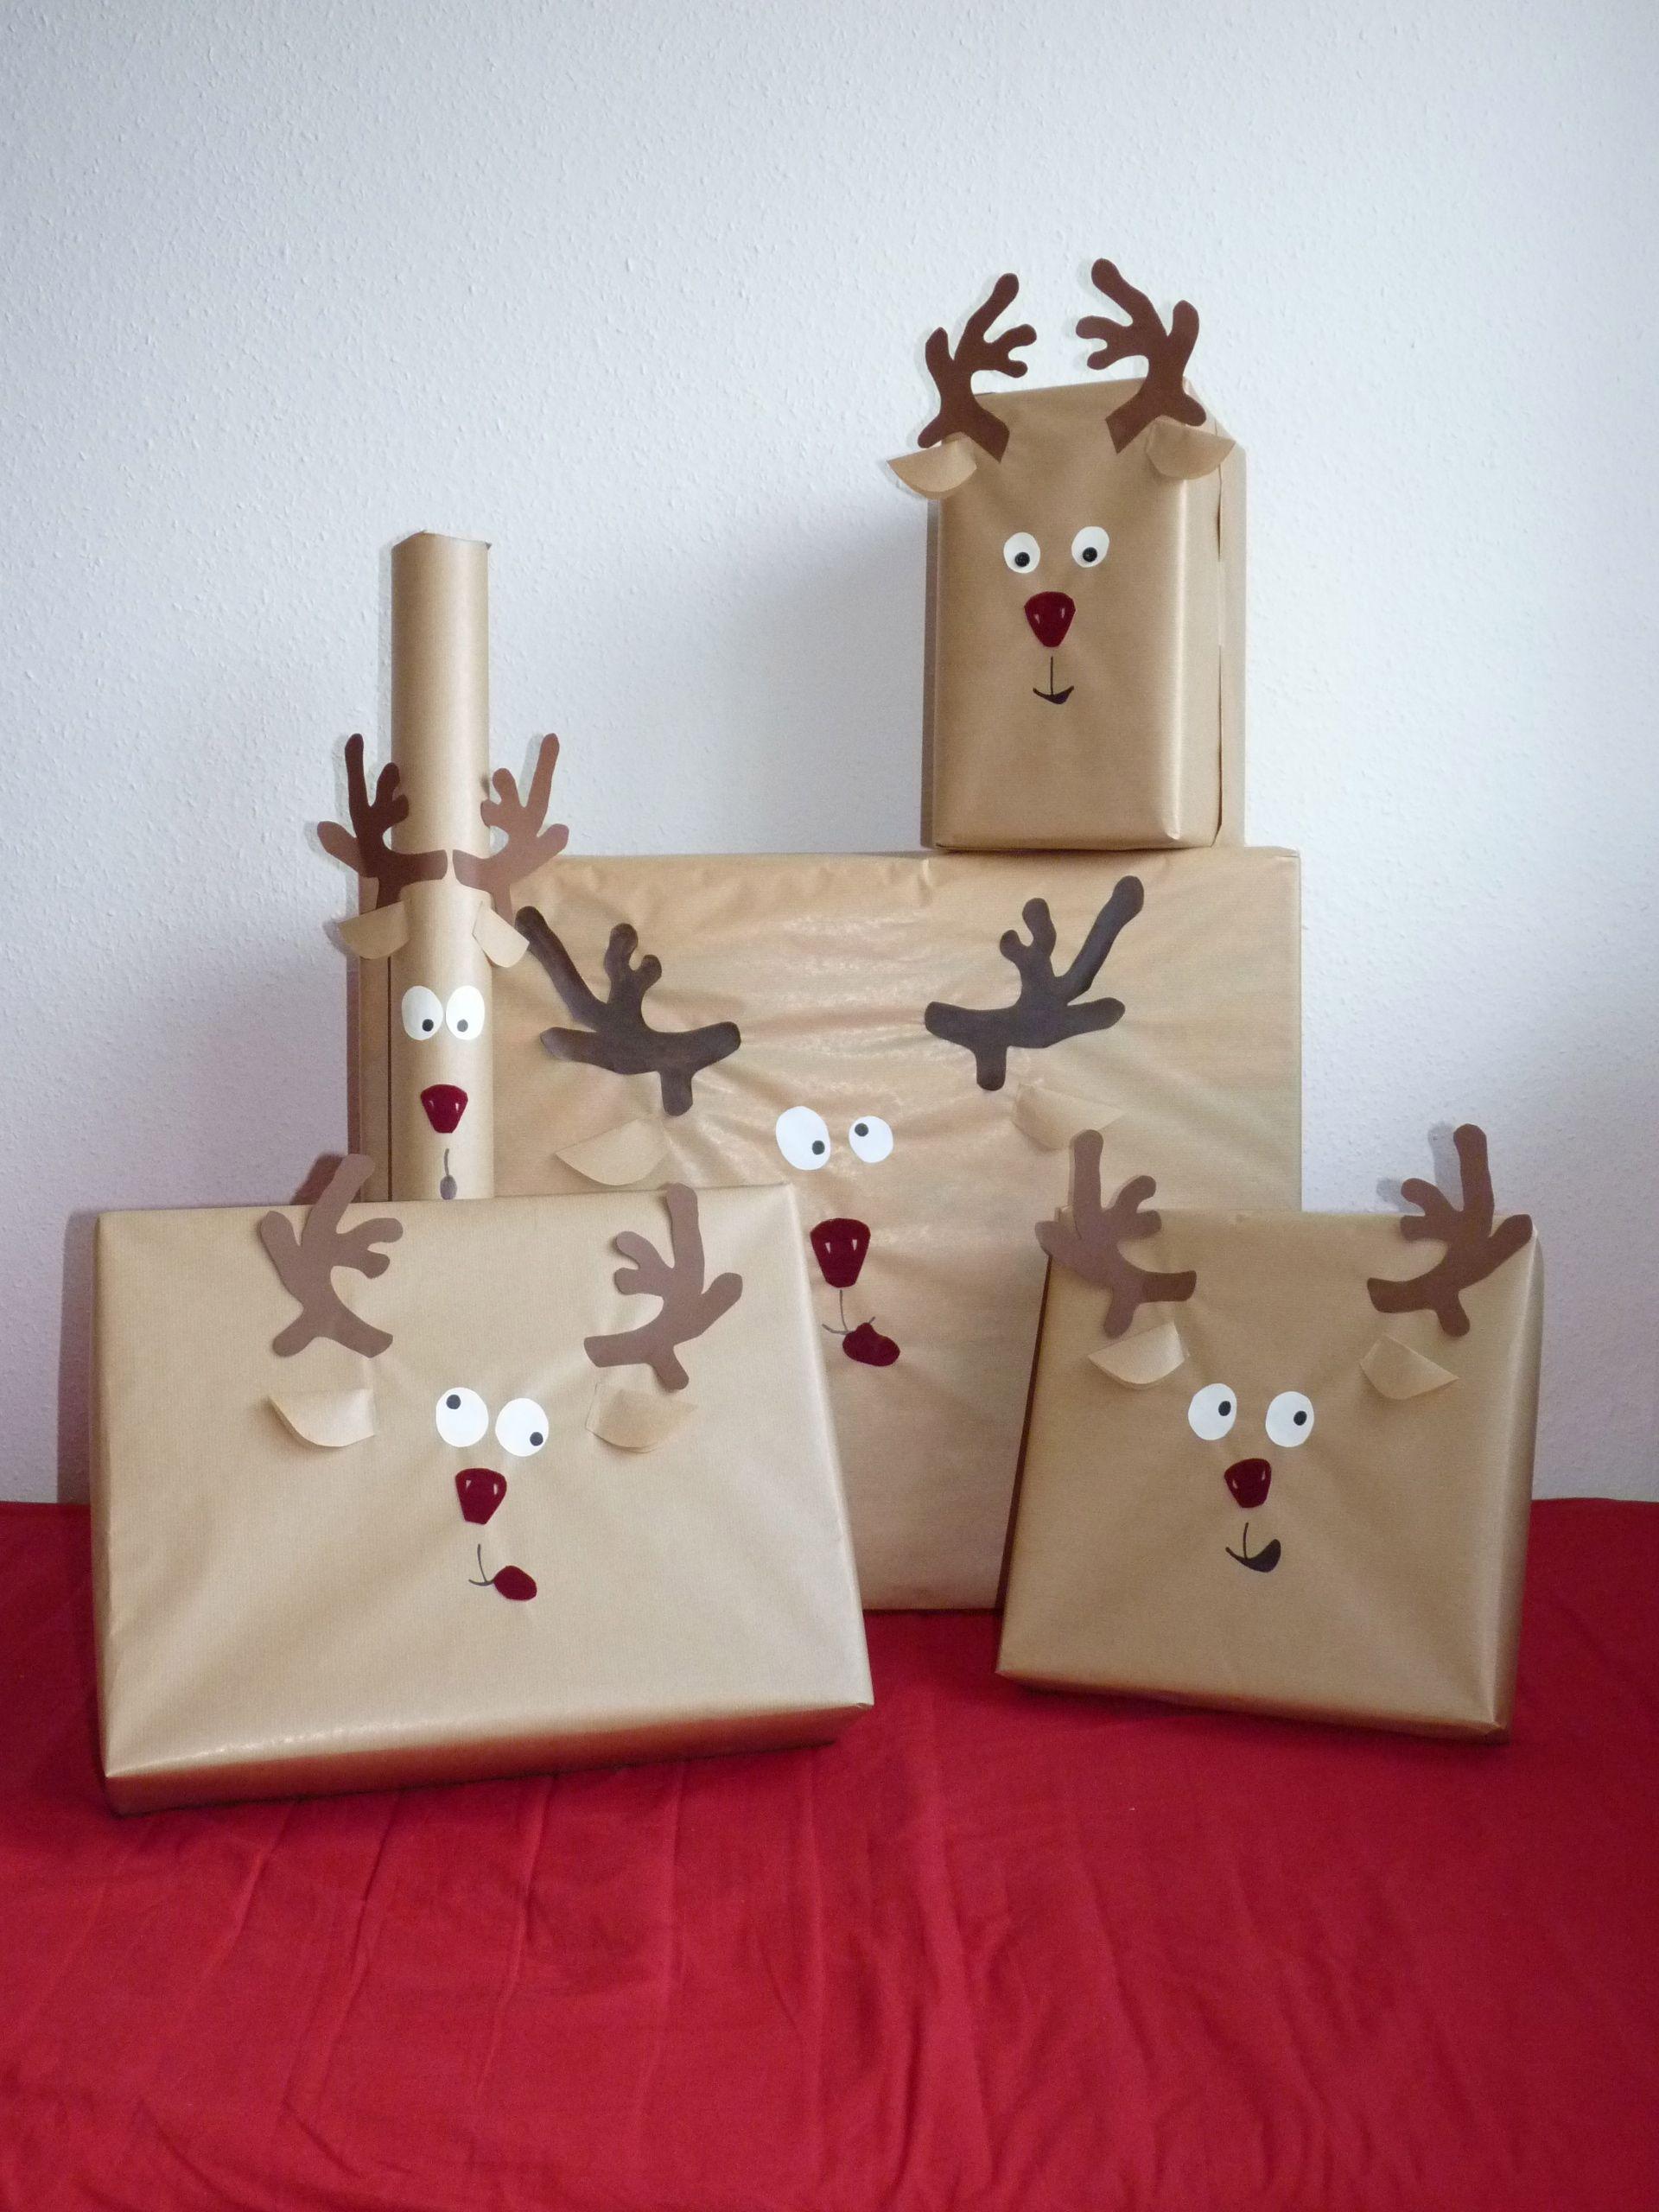 Kreative Weihnachtsgeschenke Basteln.Rentier Verpackung Weihnachtsgeschenke Basteln